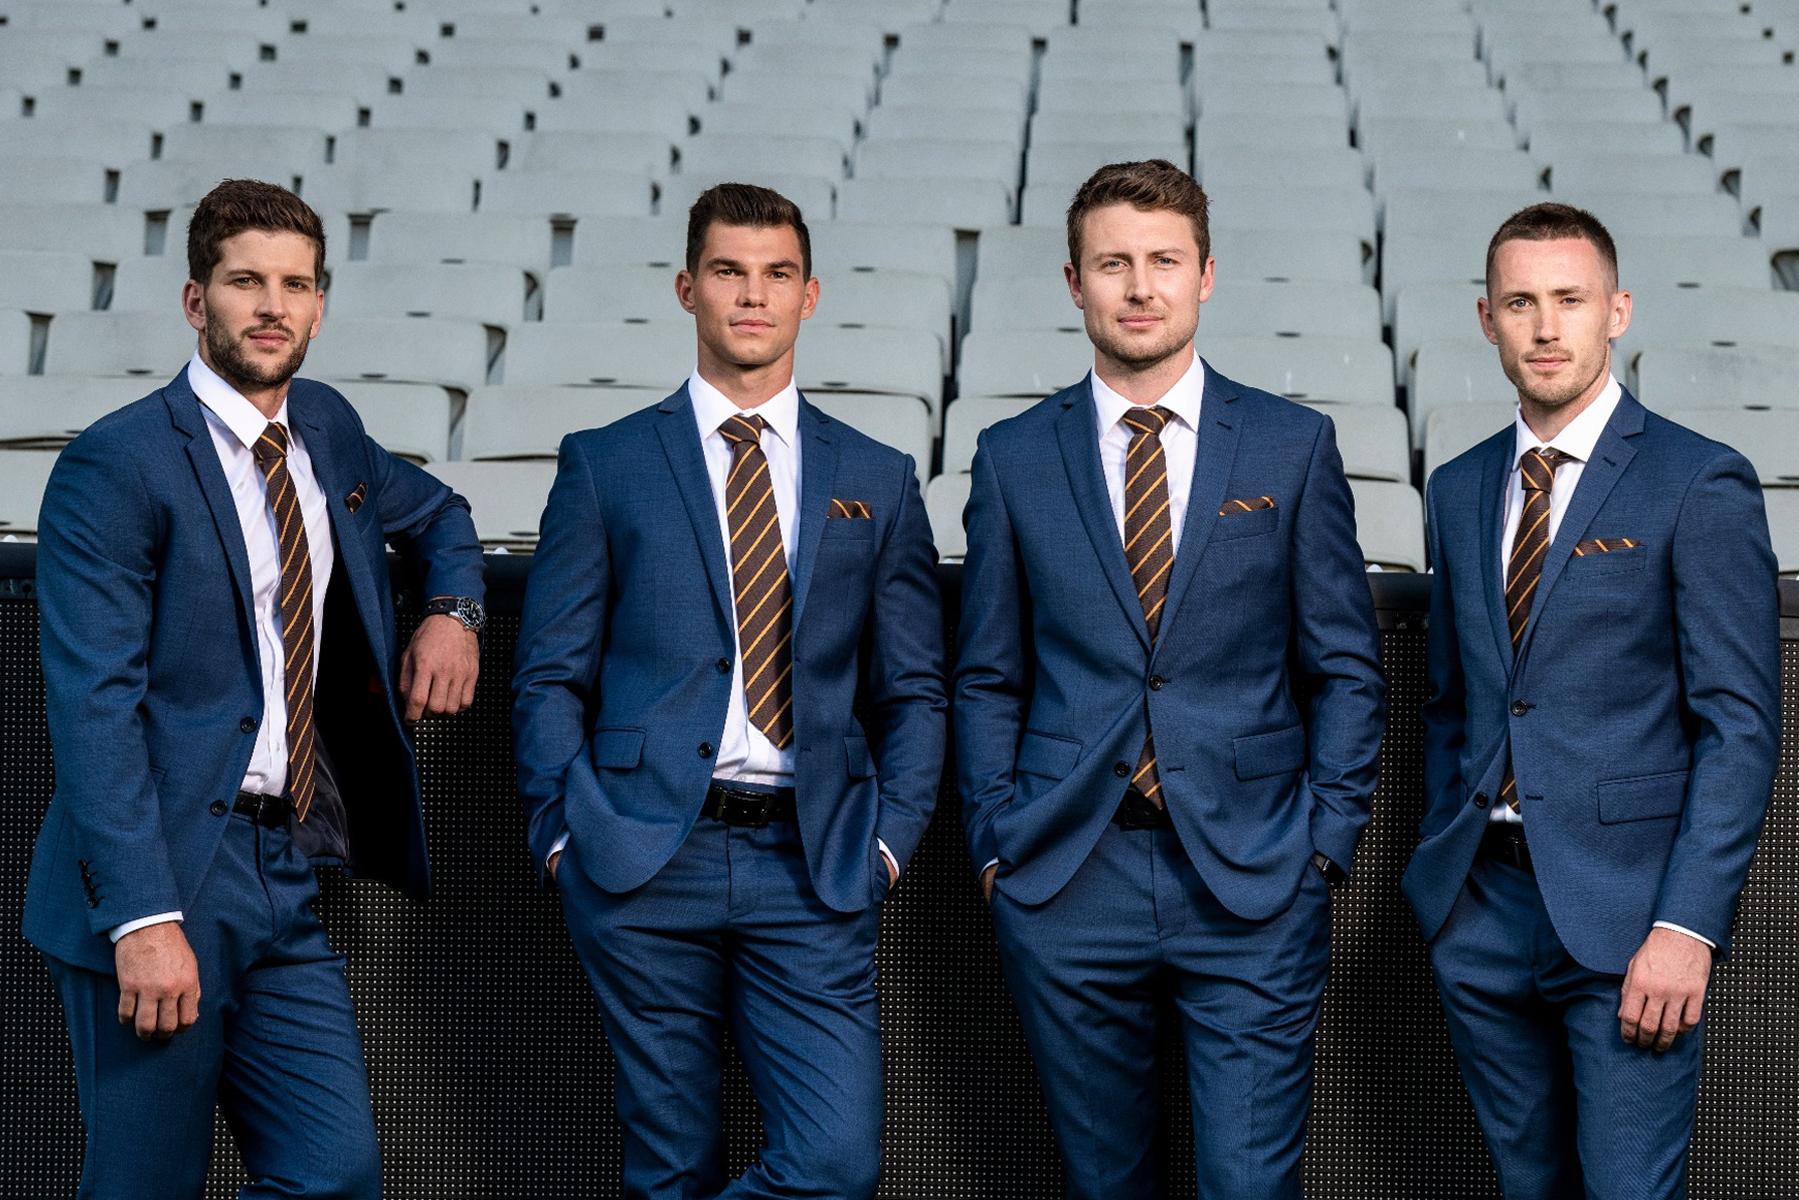 AFL finest, Hawthorn Football Club